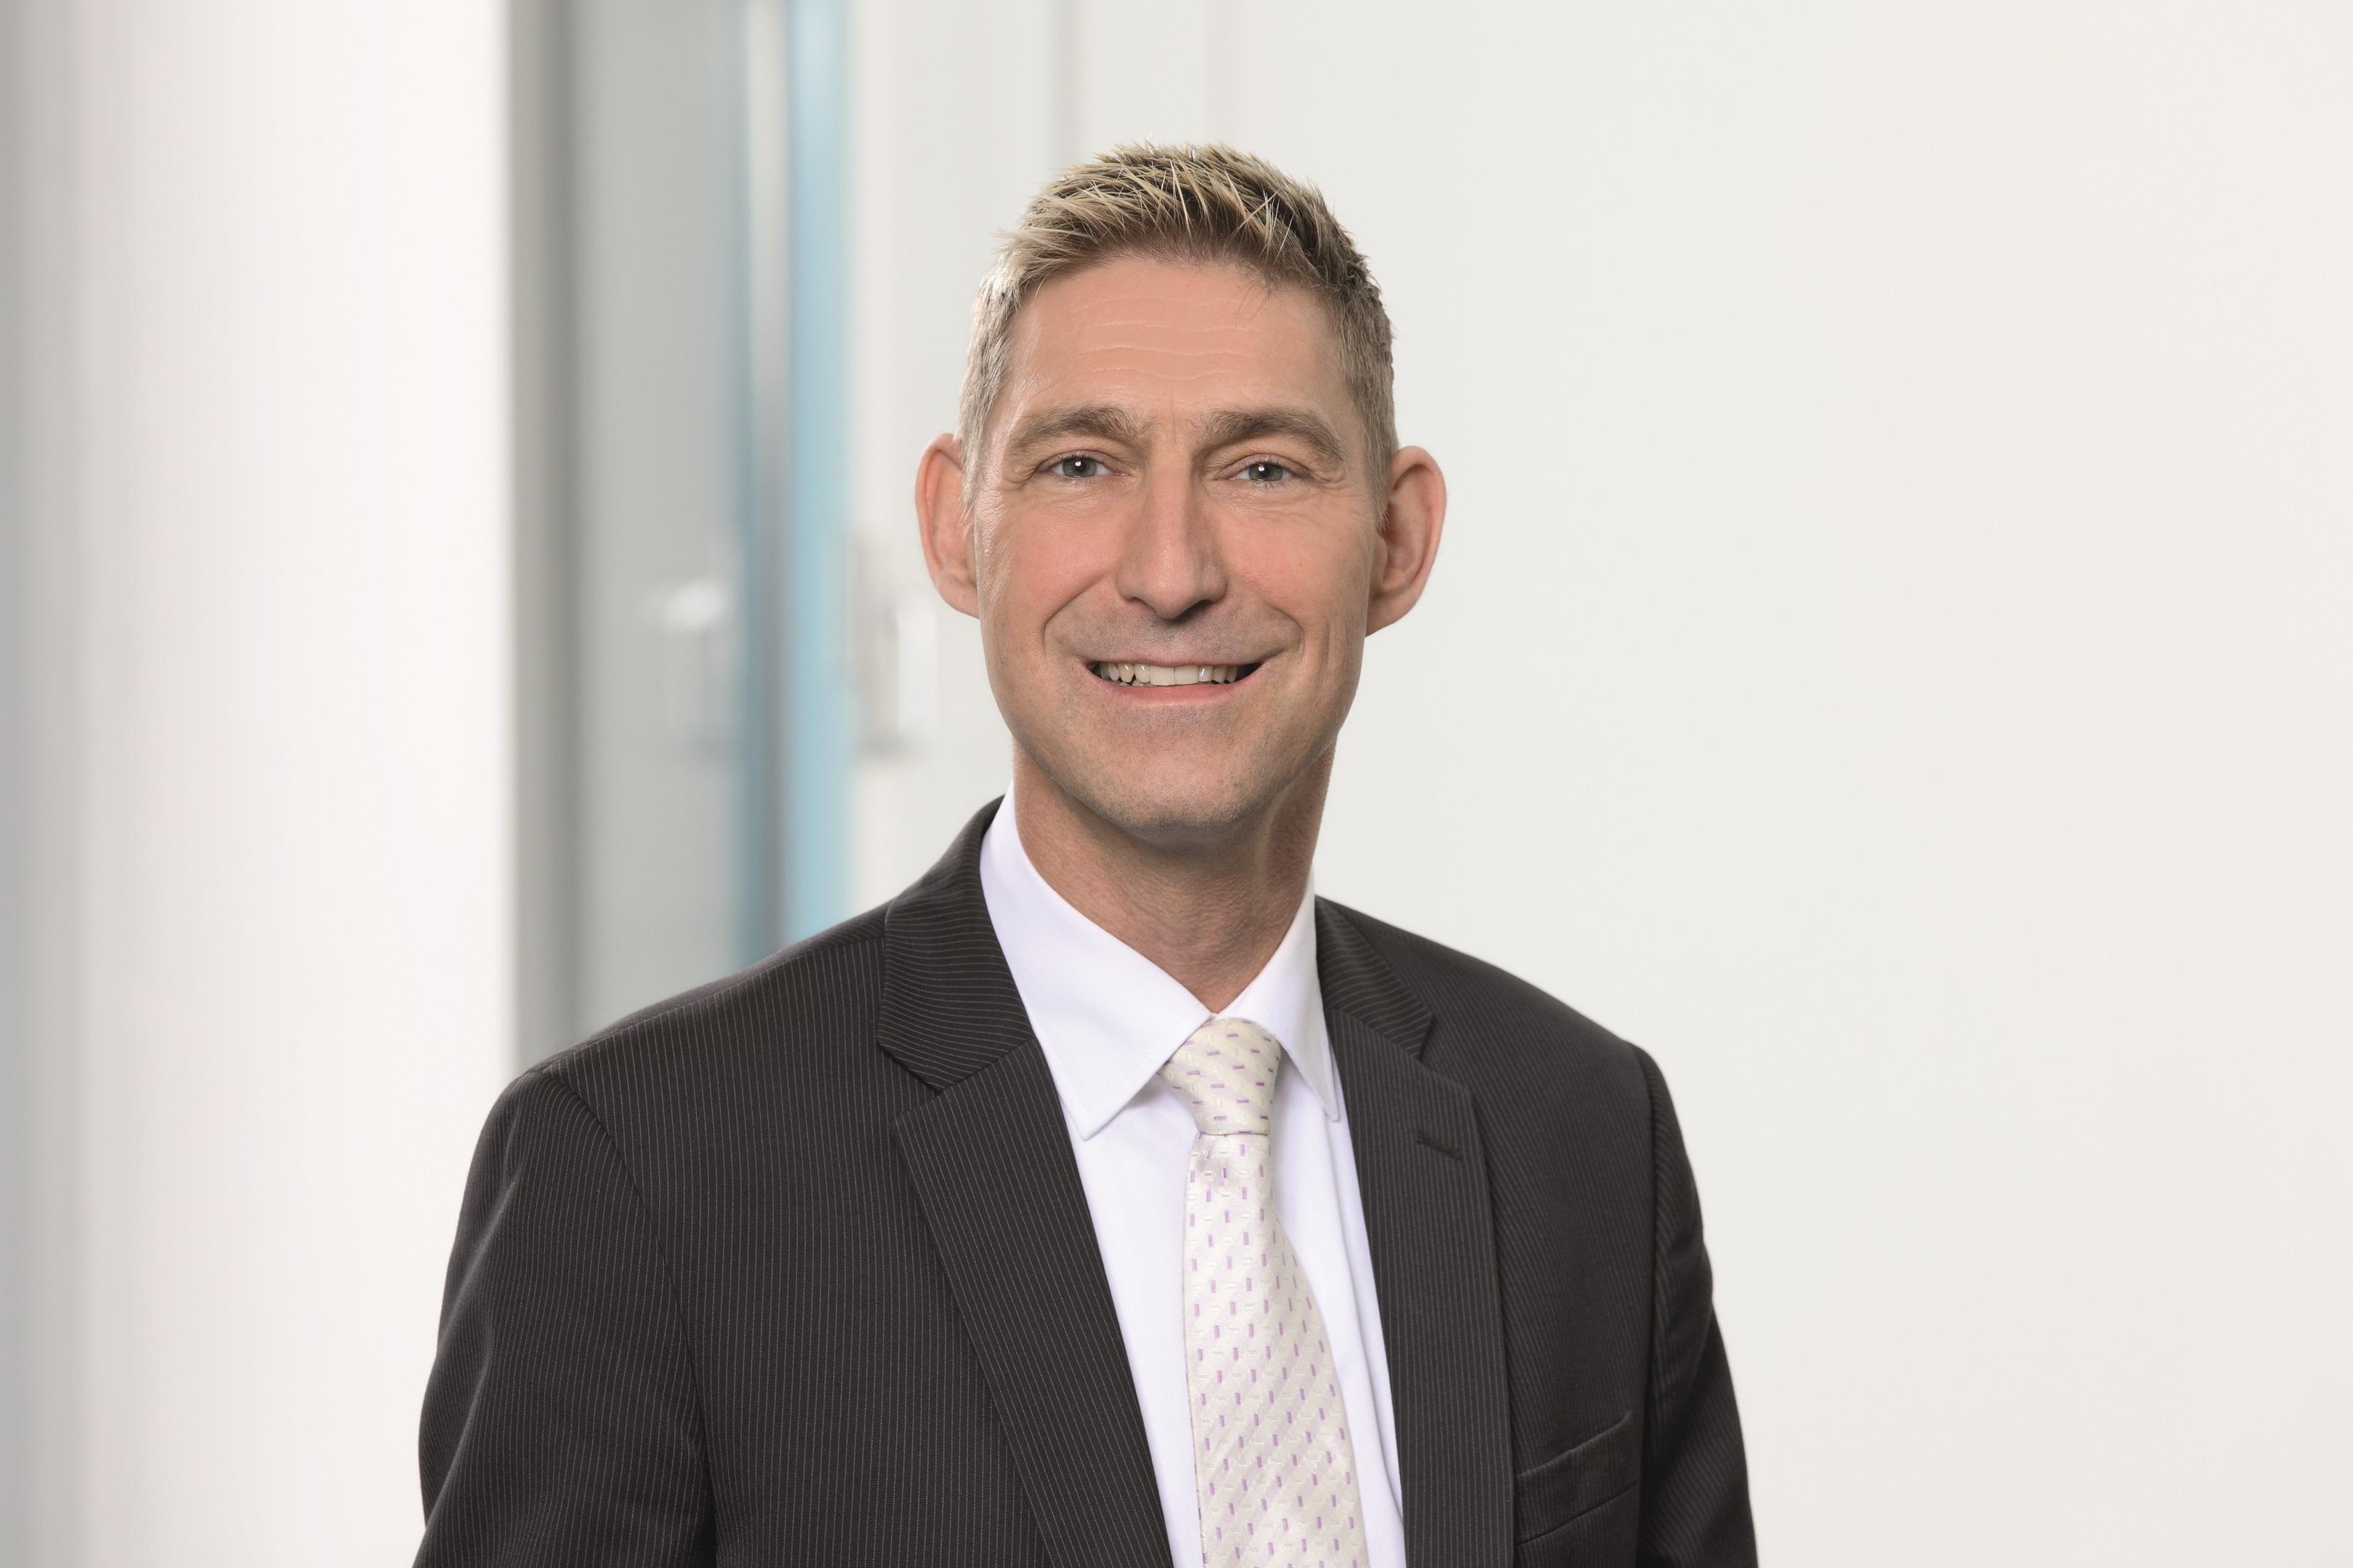 DKV Deutsche Krankenversicherung Michael Ohrnberger